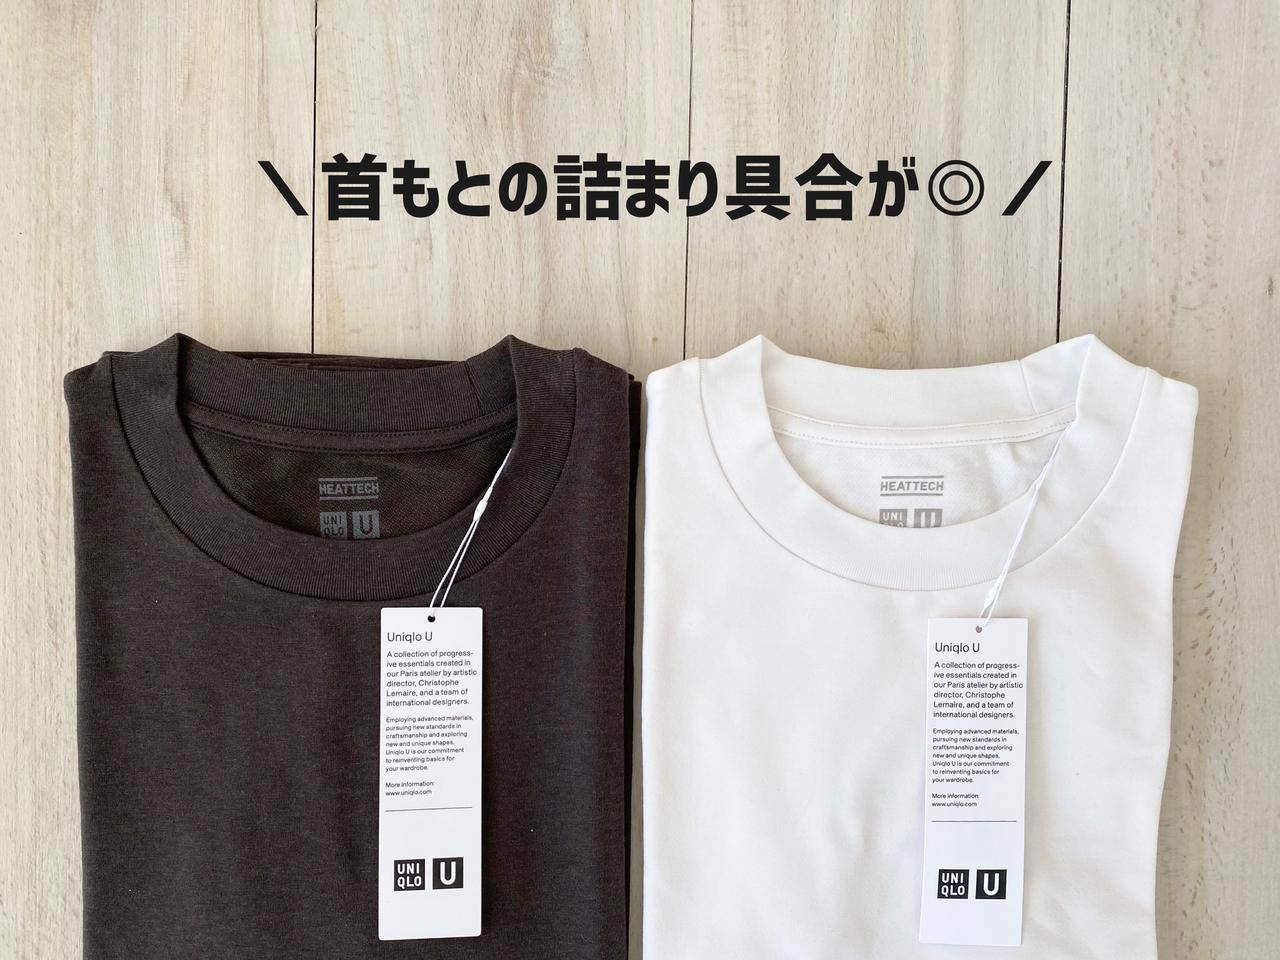 画像3: 【ユニクロ】感謝祭で今話題のヒートテックTシャツを購入!生地やサイズ感は?どうやって着る?【レビュー】